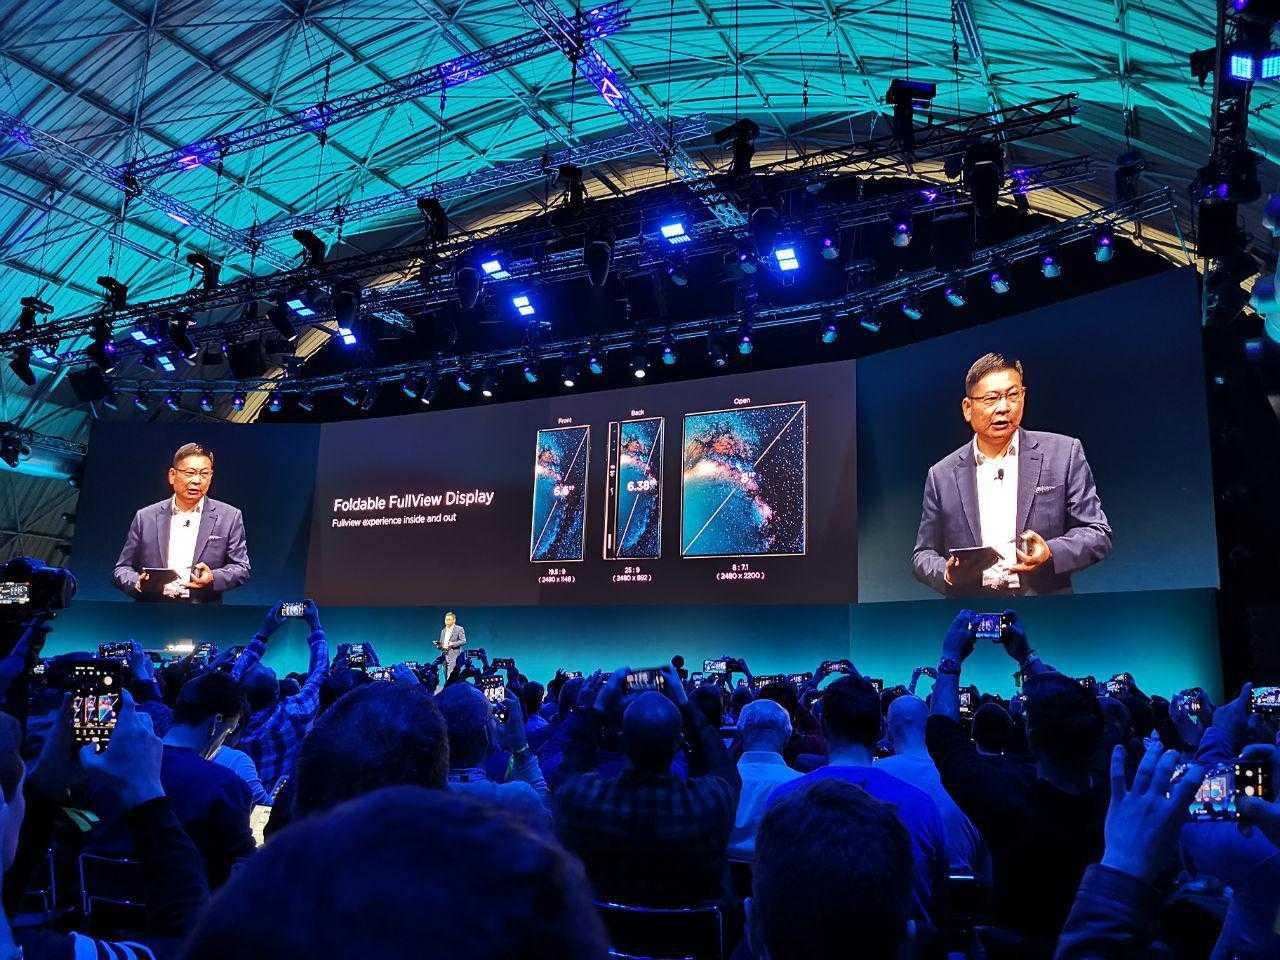 MWC 2019. Huawei представила свой первый сгибающийся смартфон Huawei Mate X с поддержкой 5G (photo 2019 02 24 17 28 00)